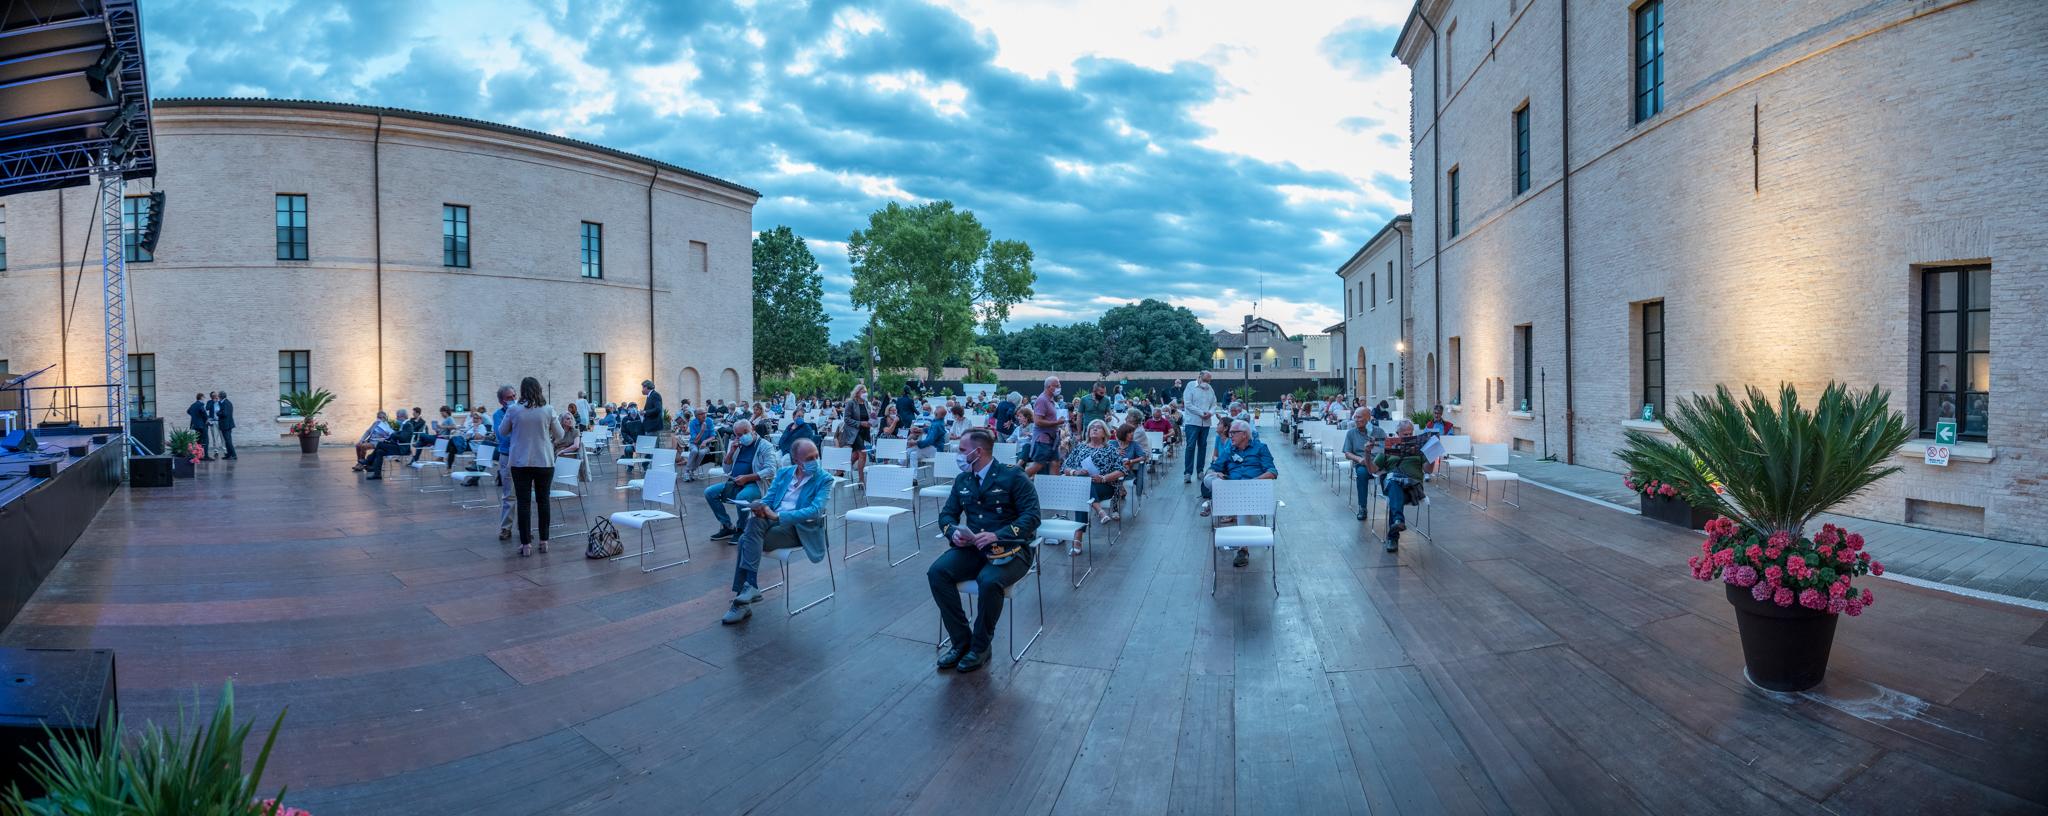 Arena San Domenico Forlì 2021 il programma aggiornato